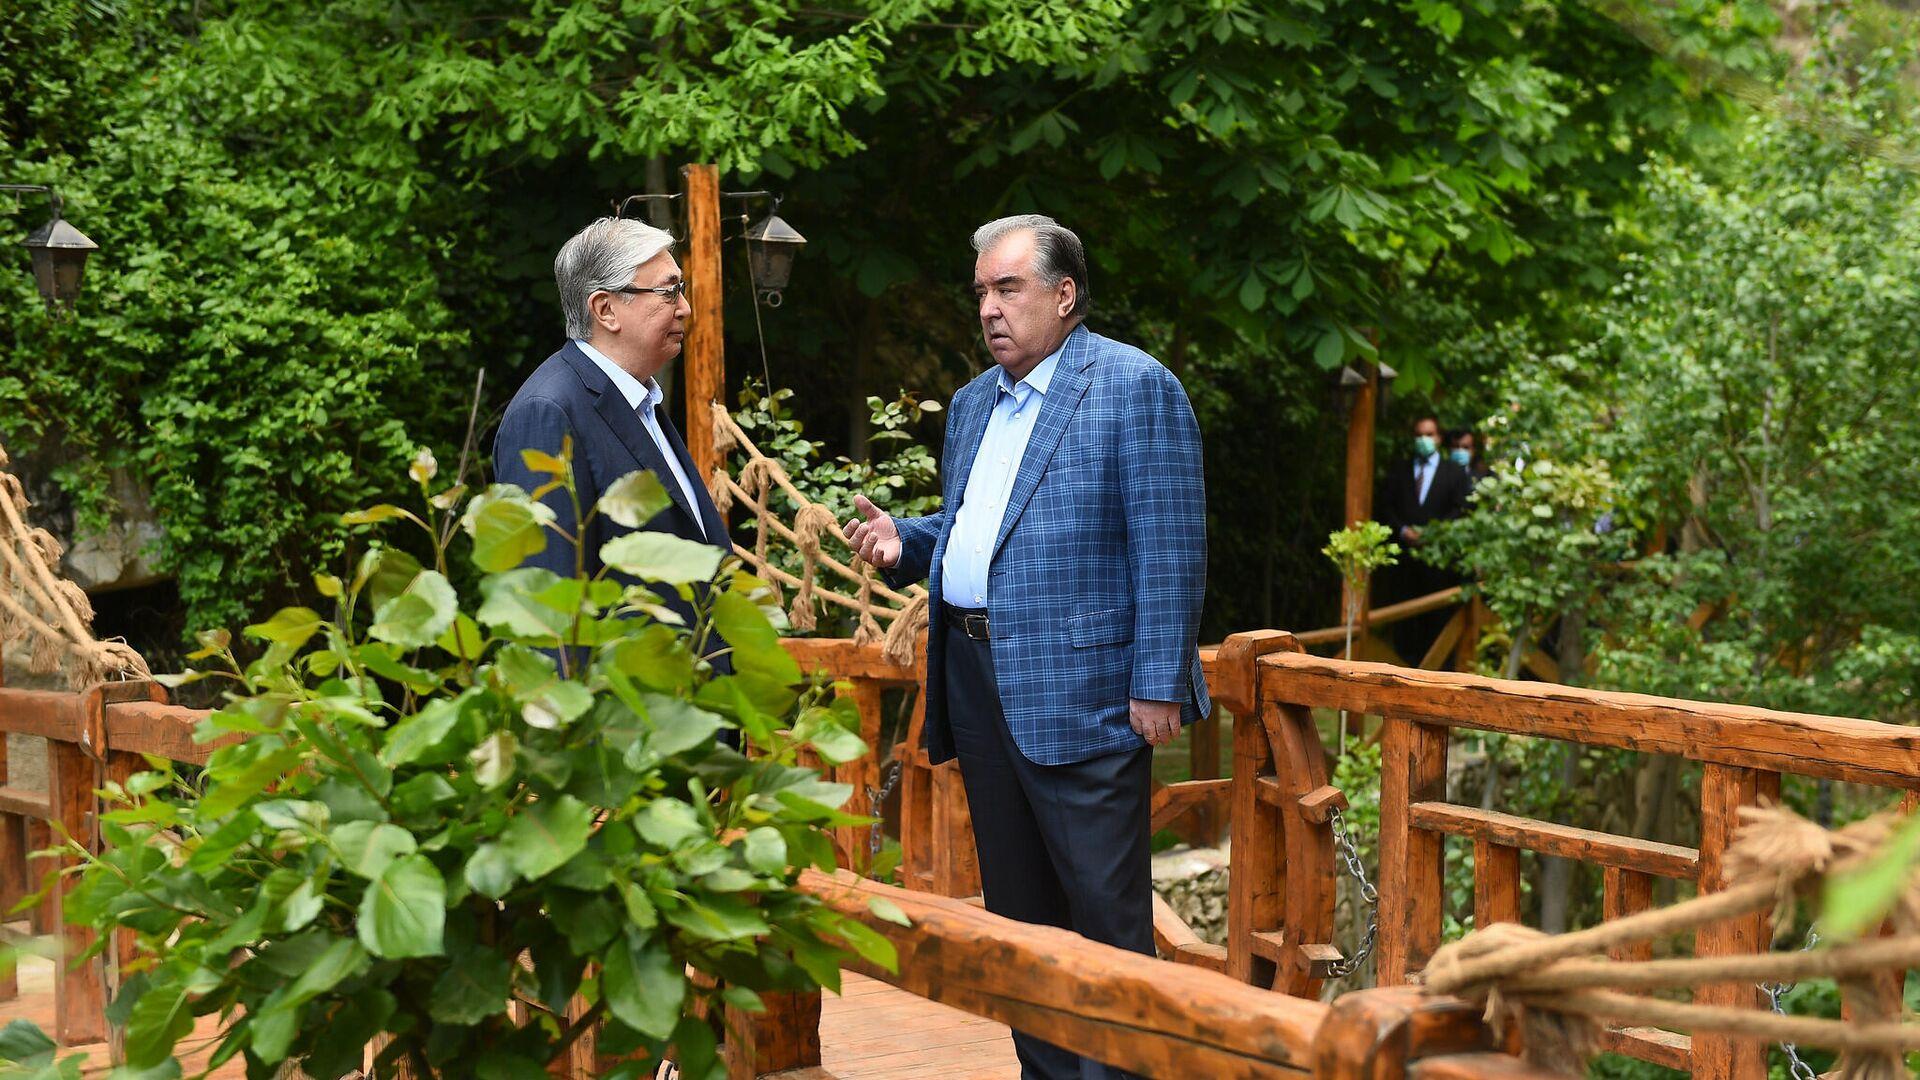 Неформальная встреча Рахмона и Токаева  - Sputnik Таджикистан, 1920, 20.05.2021